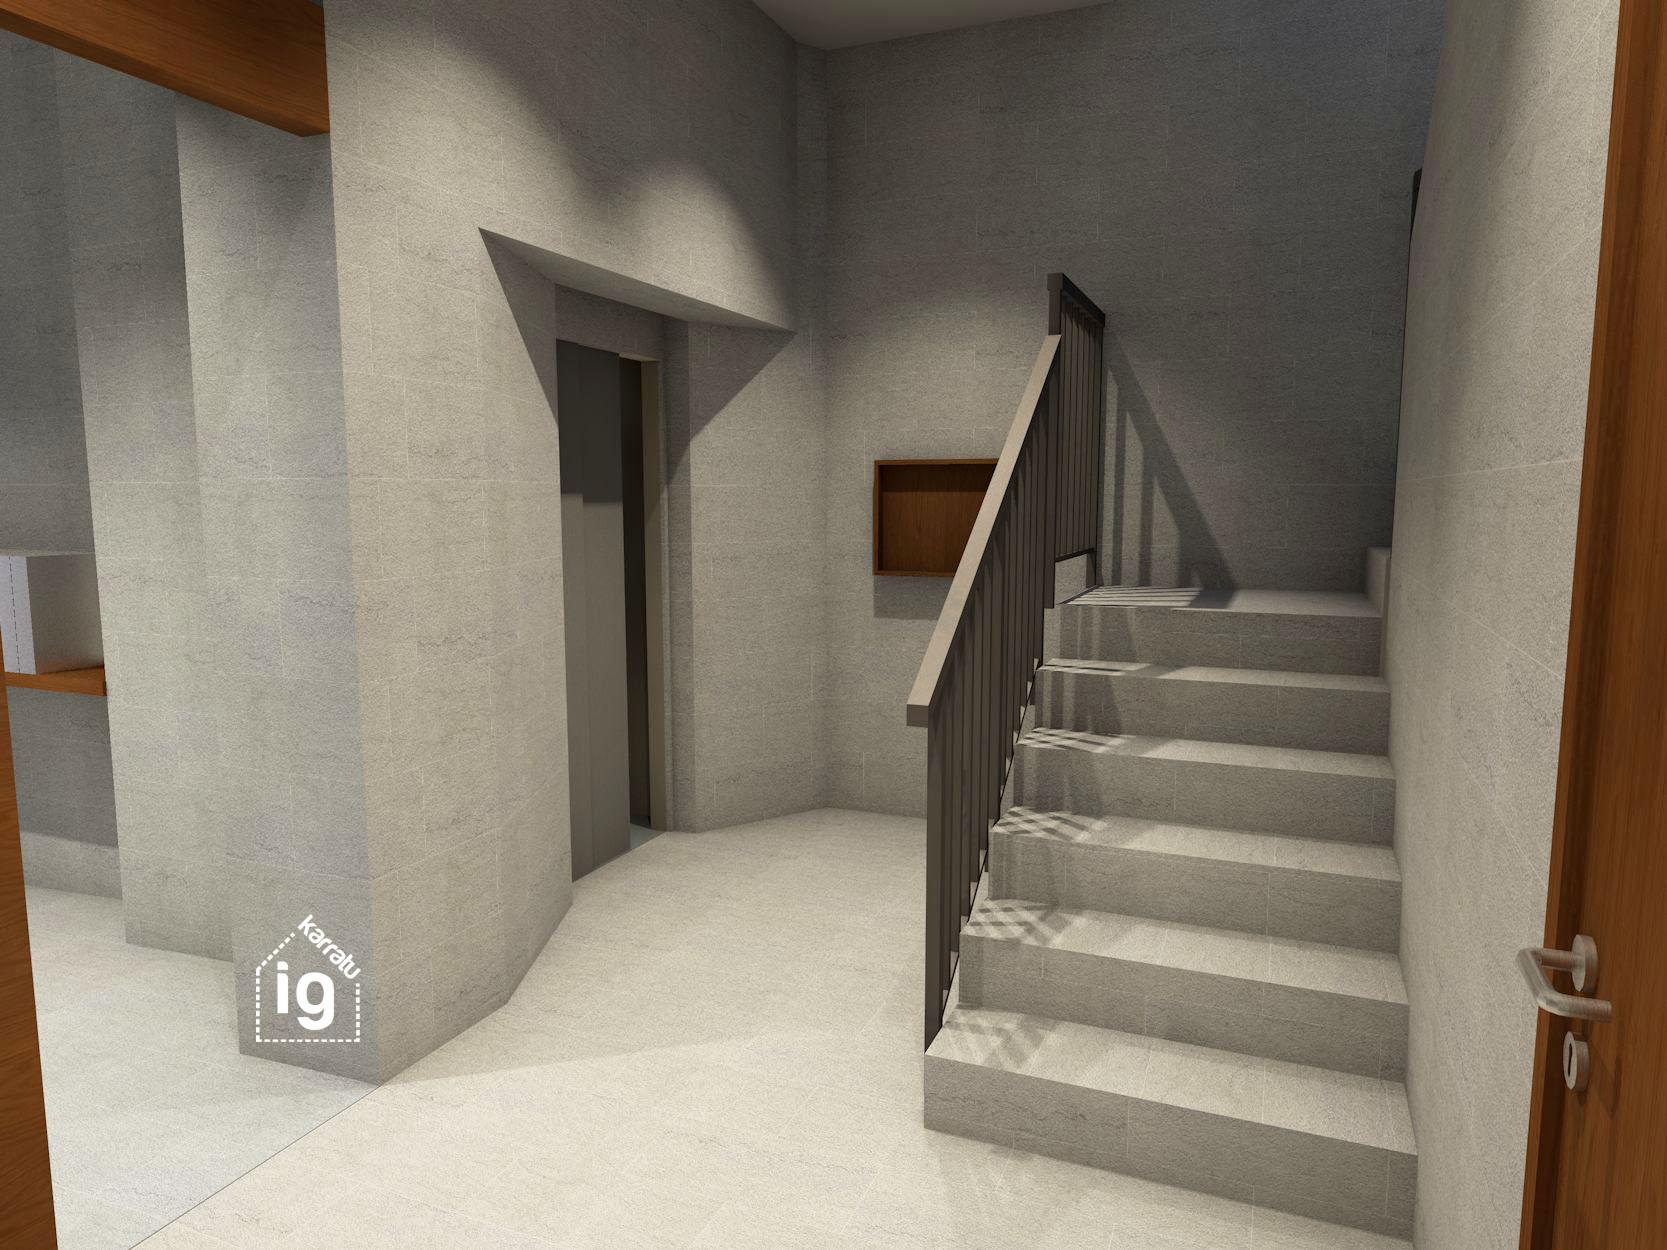 INT_Tramo 1 escaleras